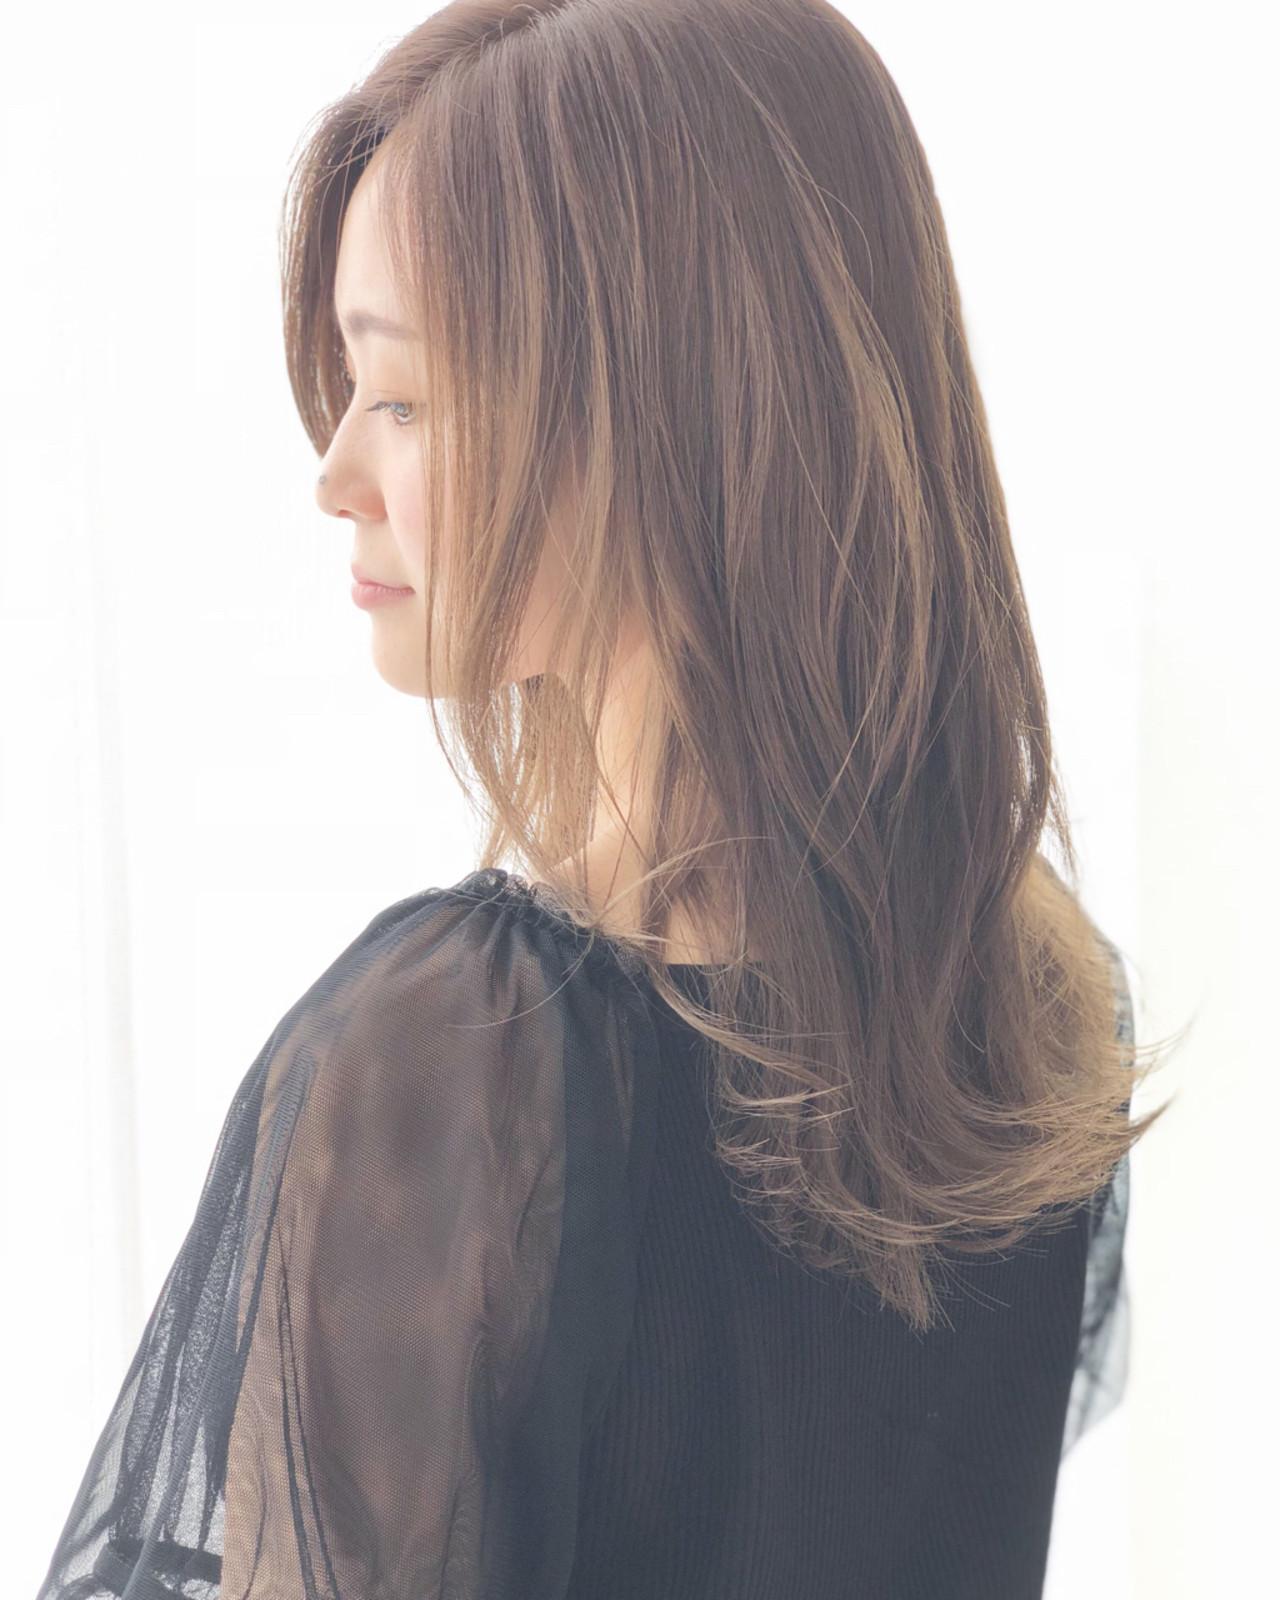 似合う人を選ばない!モテる大人女性のヘアスタイル 朝倉 大樹